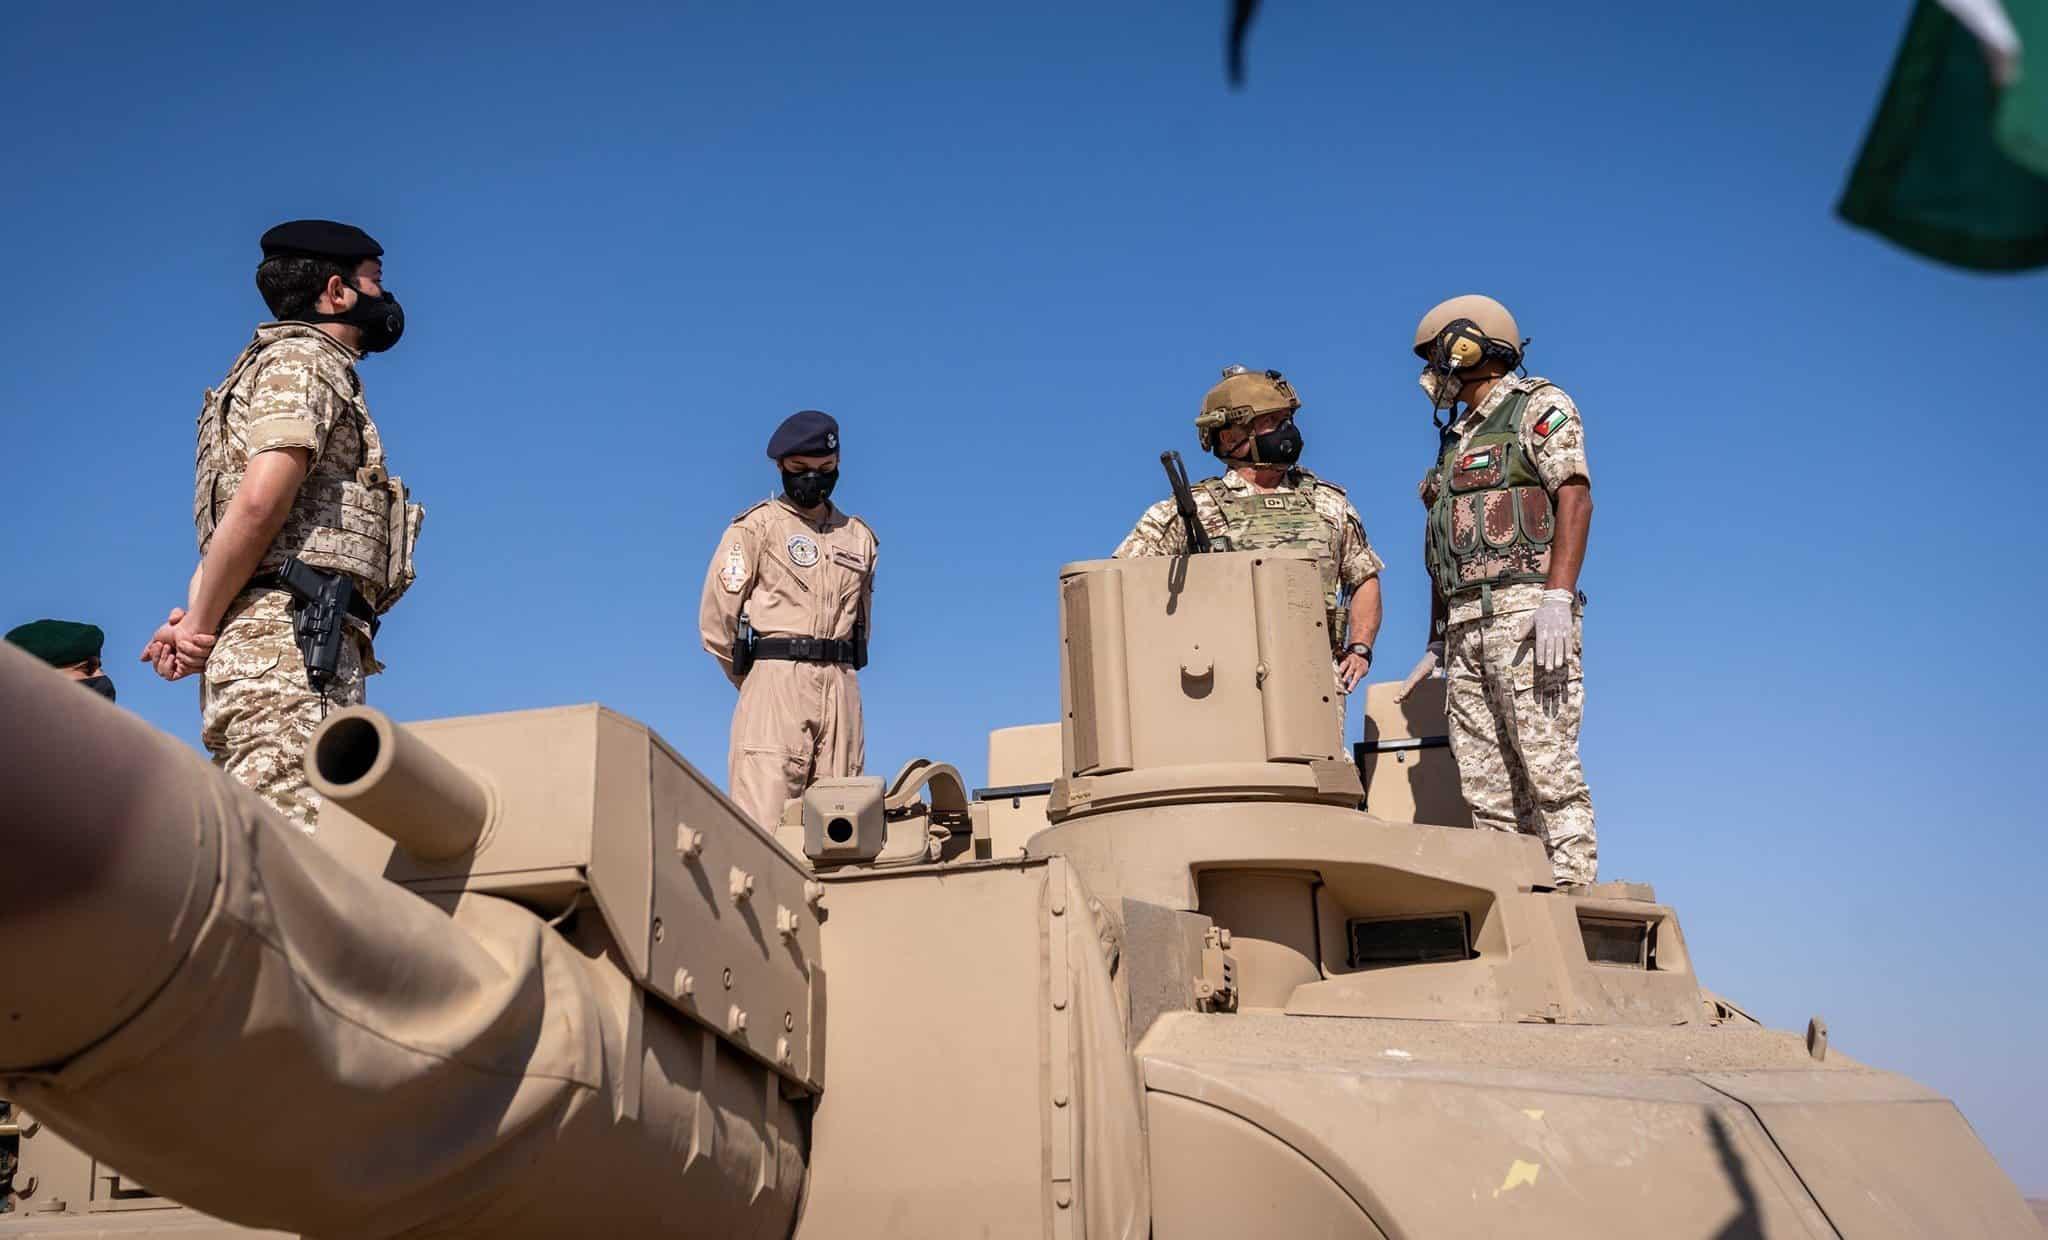 Король Йорданії Абдалла ІІ бін аль-Хусейн оглядає танк «Leclerc» на навчаннях в країні. Жовтень 2020. Фото: МО Йорданії